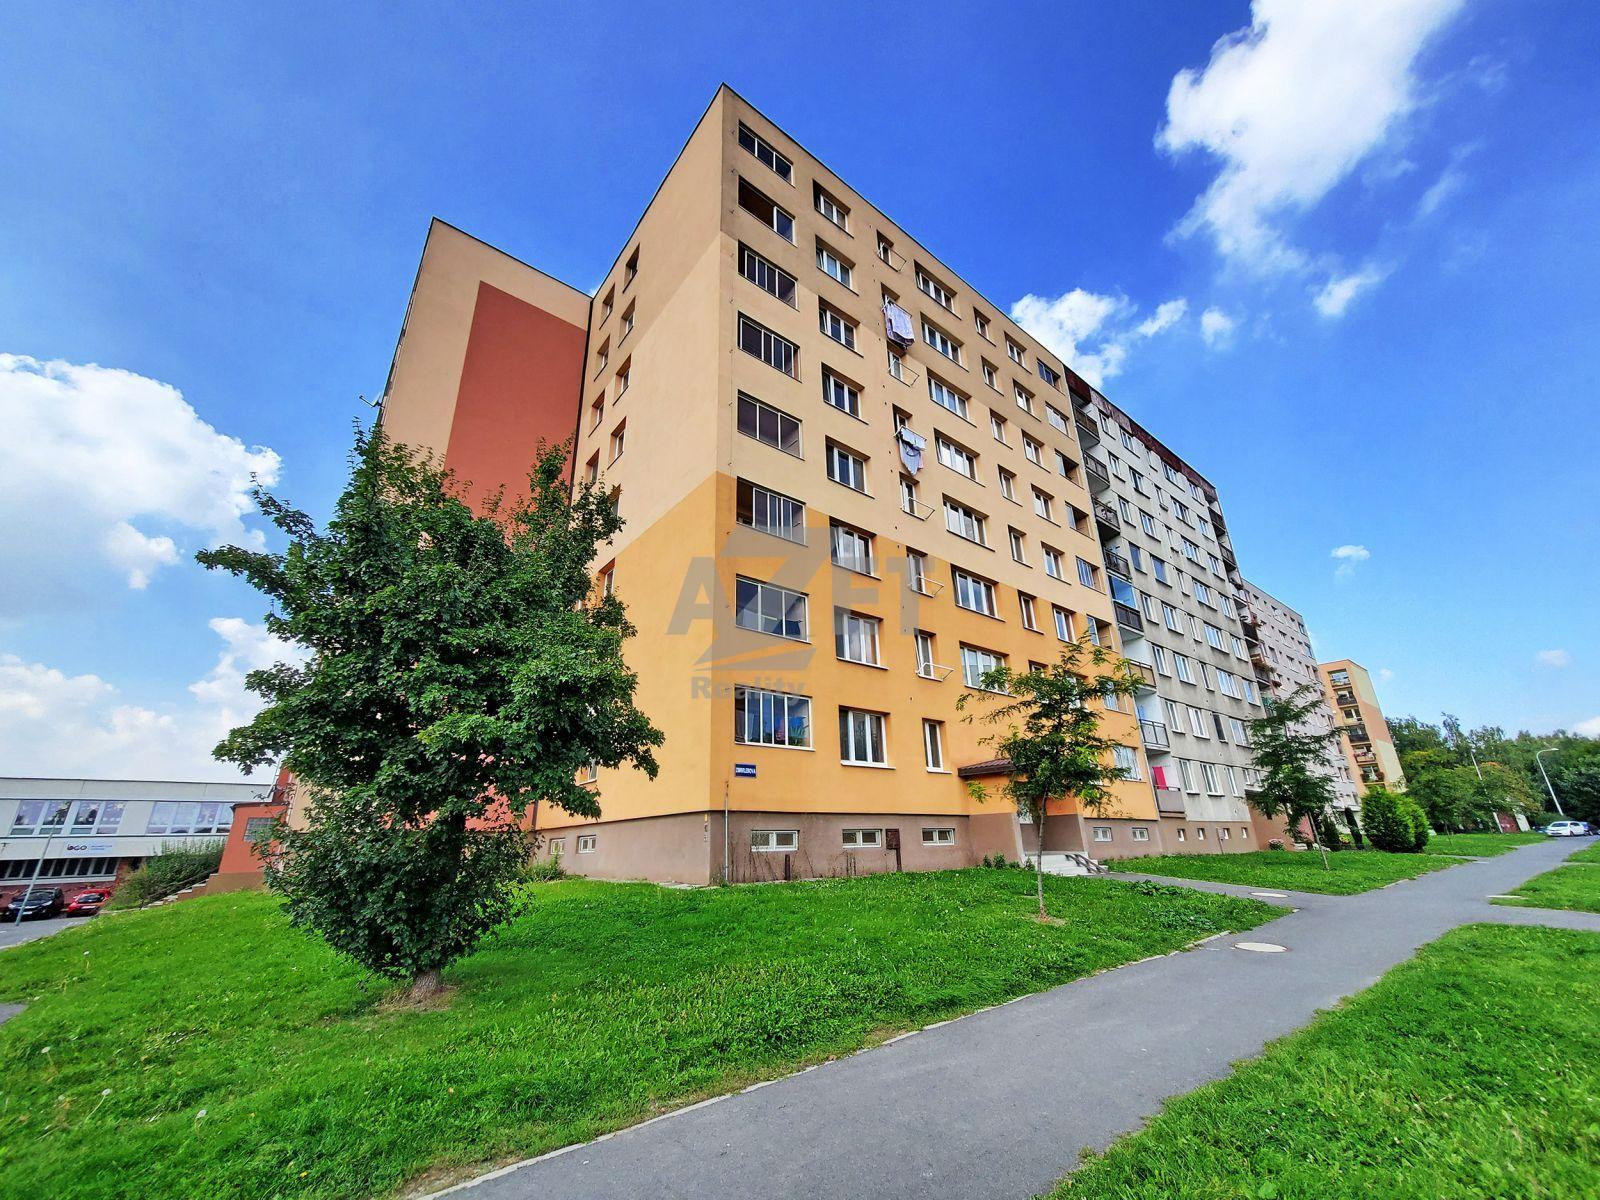 Prodej, byt 3+1, 65 m2, Ostrava - Zábřeh, ul. Zimmlerova